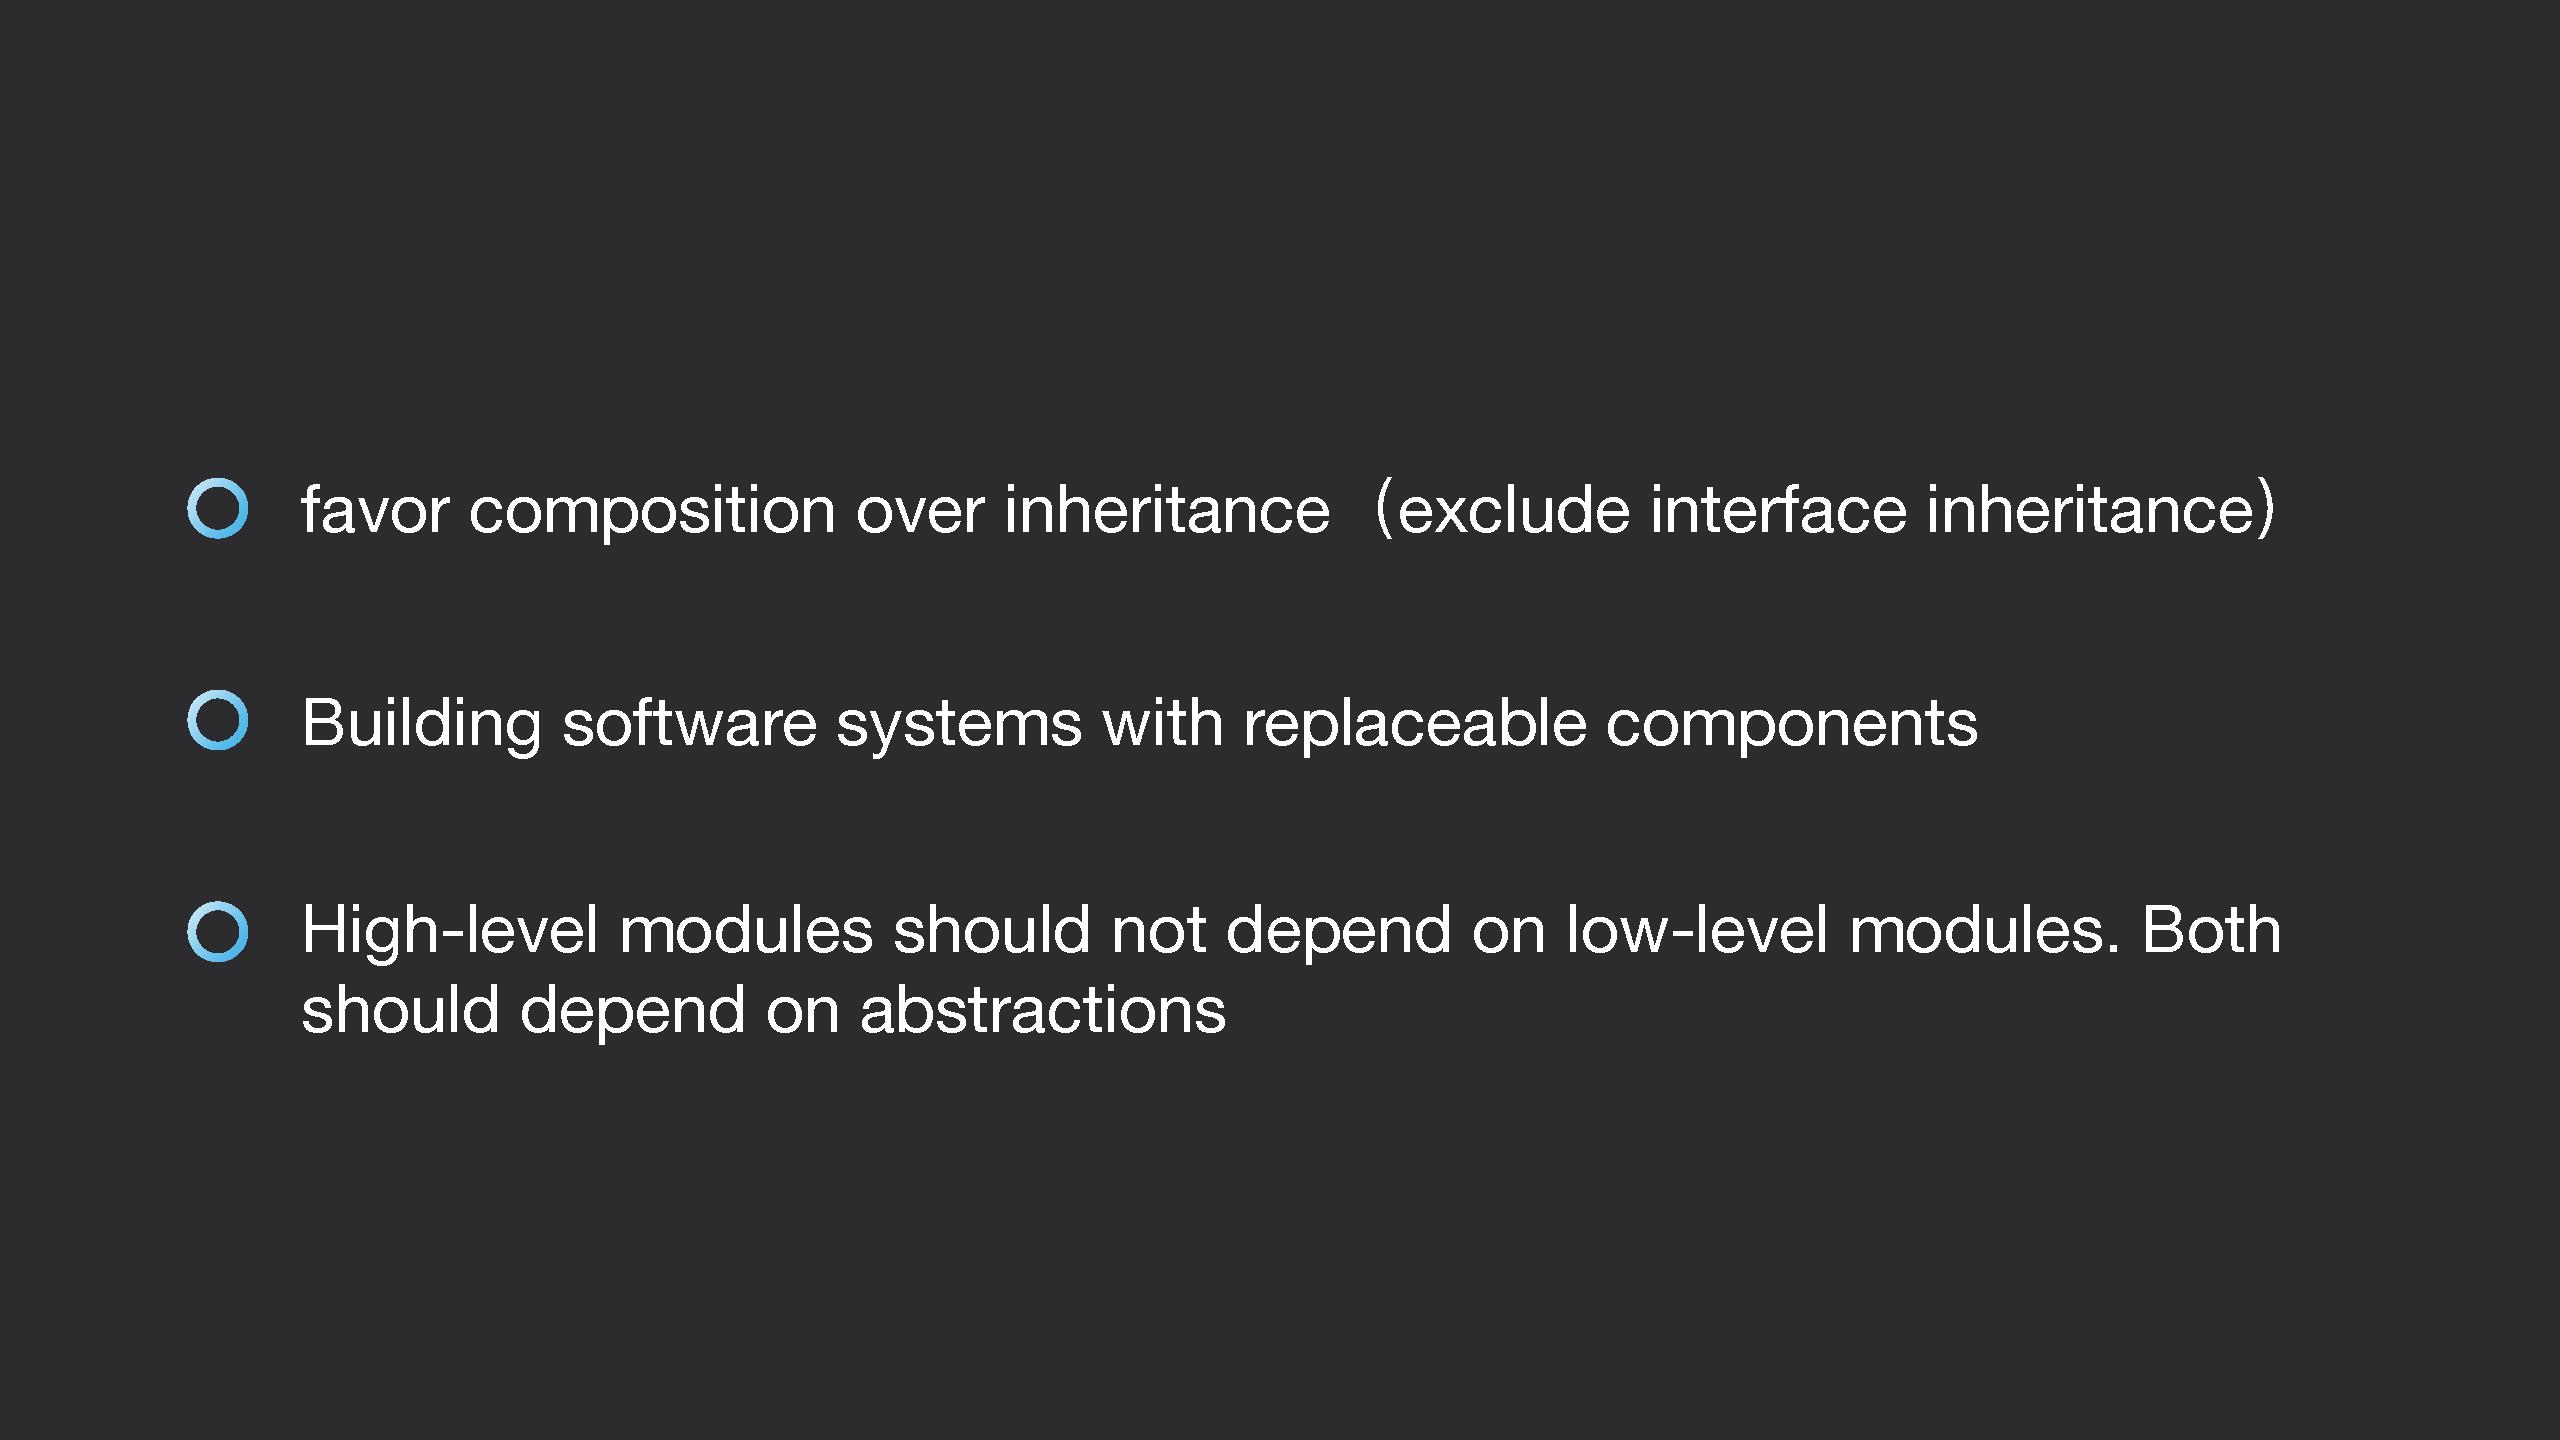 编程语言中的架构思考